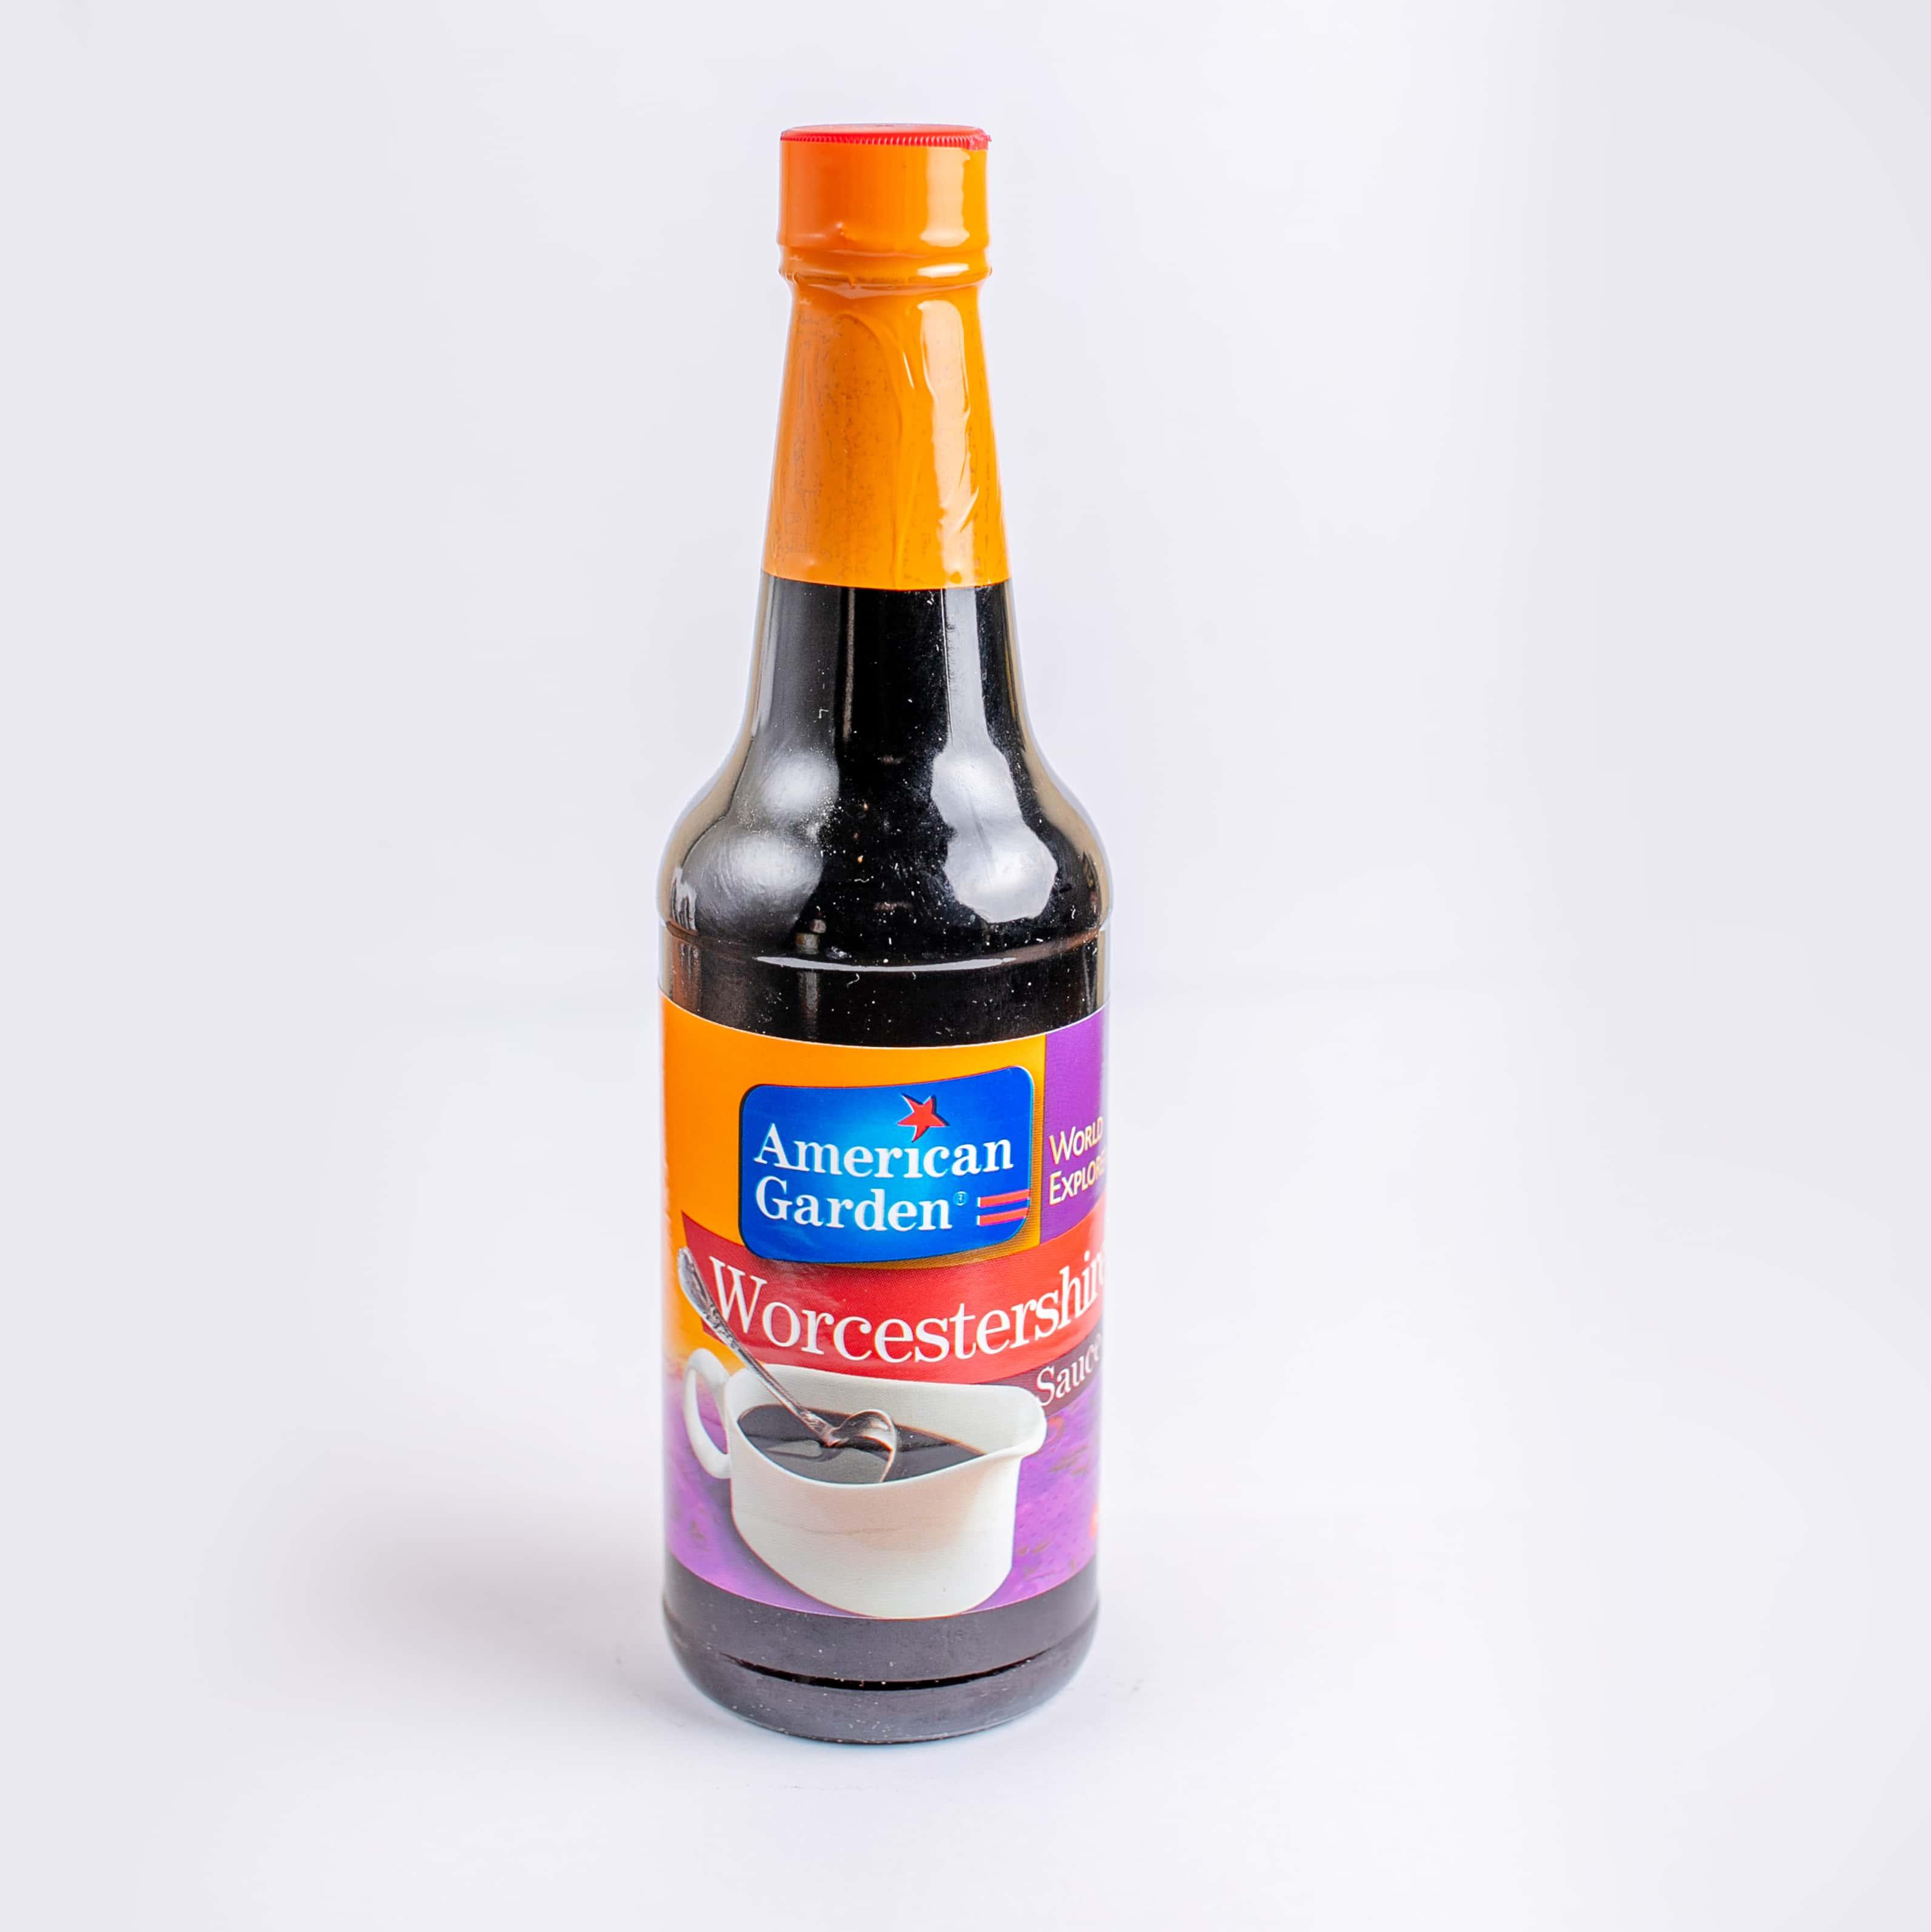 American Garden Worcester Sauce